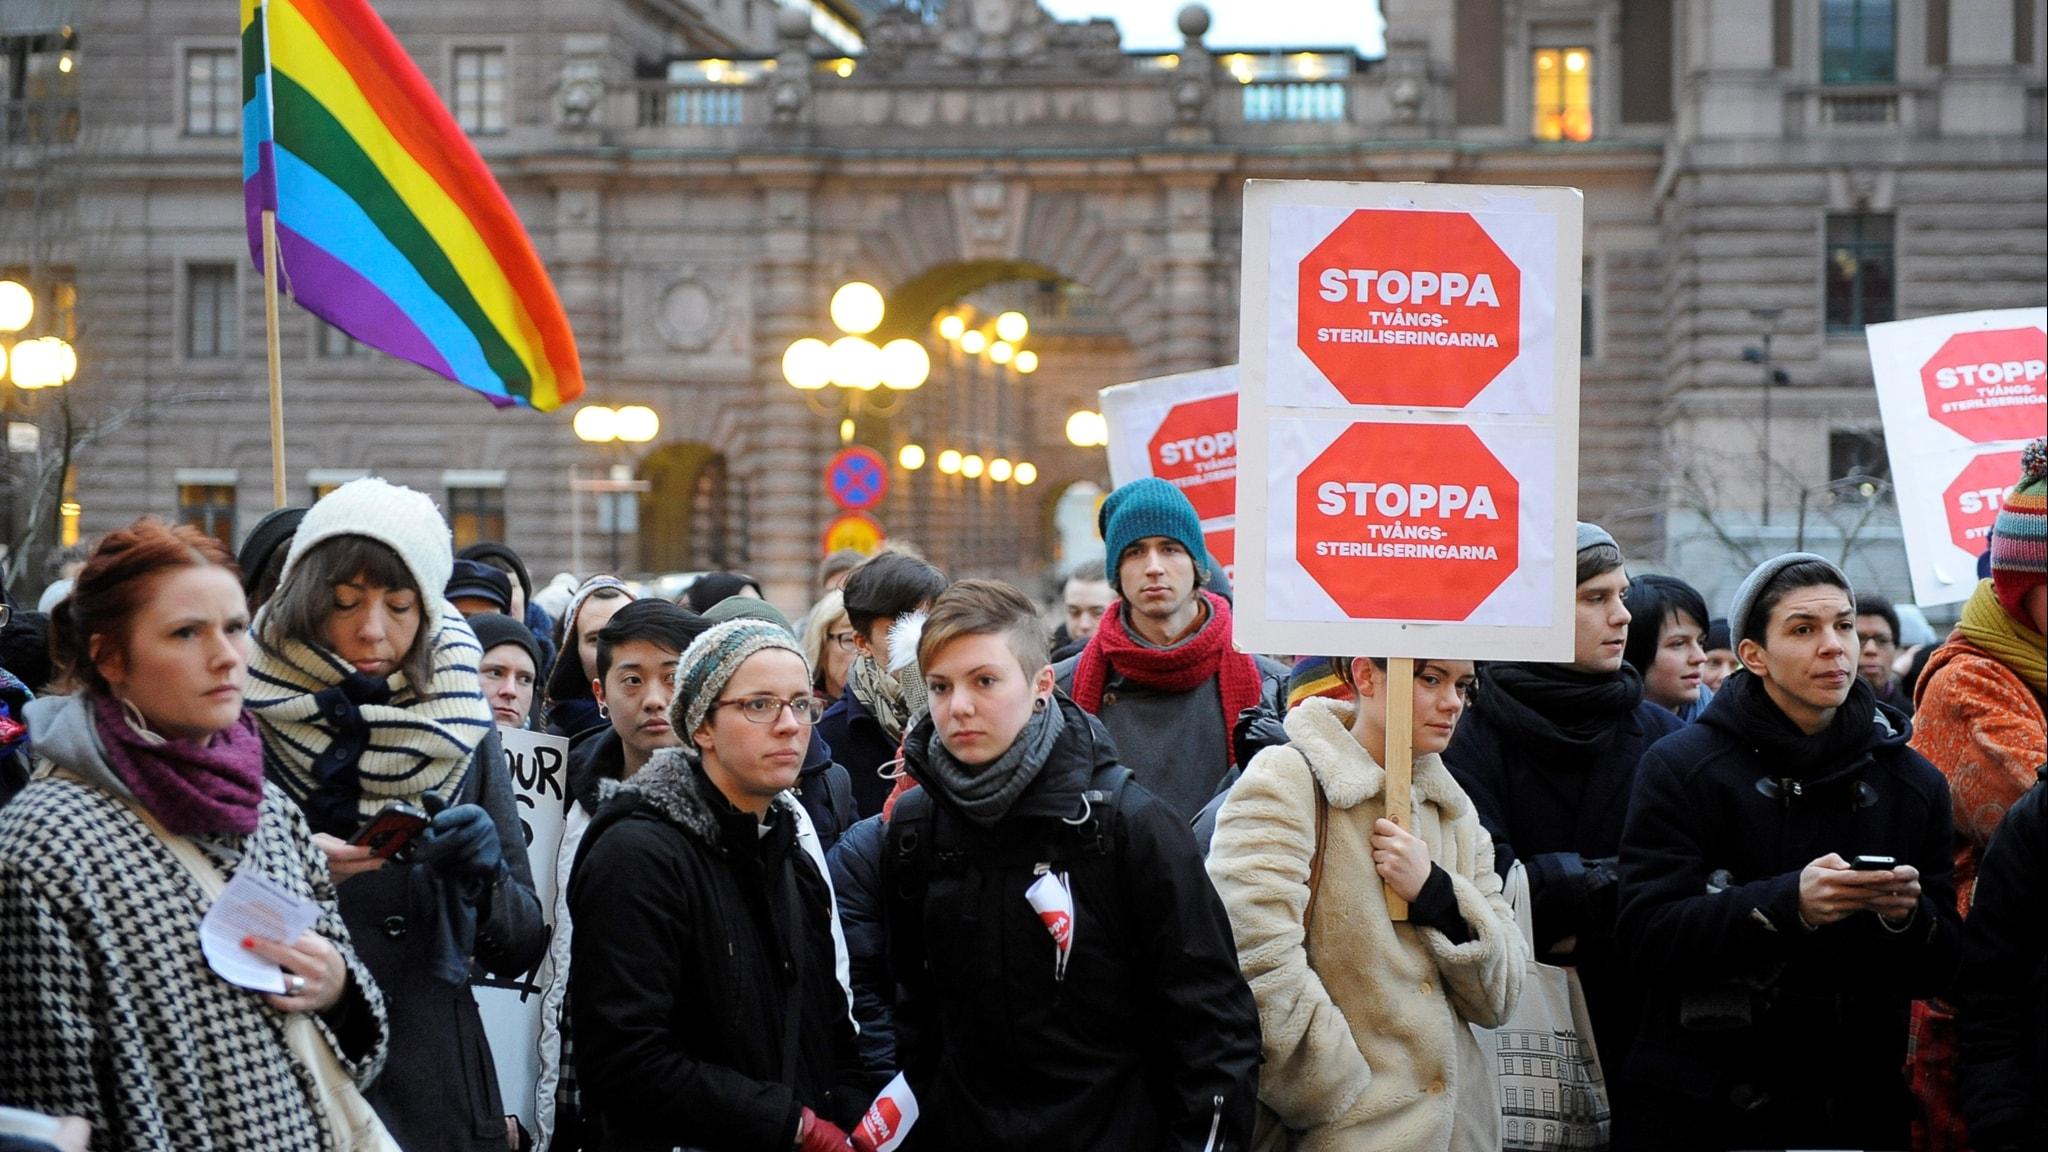 Den 18 januari 2012 arrangerades en demonstration mot tvångssteriliseringarna på Mynttorget, utanför Riksdagen. Trots politiska löften från flera håll om att steriliseringarna ska upphöra kommer signaler från regeringen om att Kristdemokraterna fått sin vilja igenom om att lagen ska utredas på nytt.